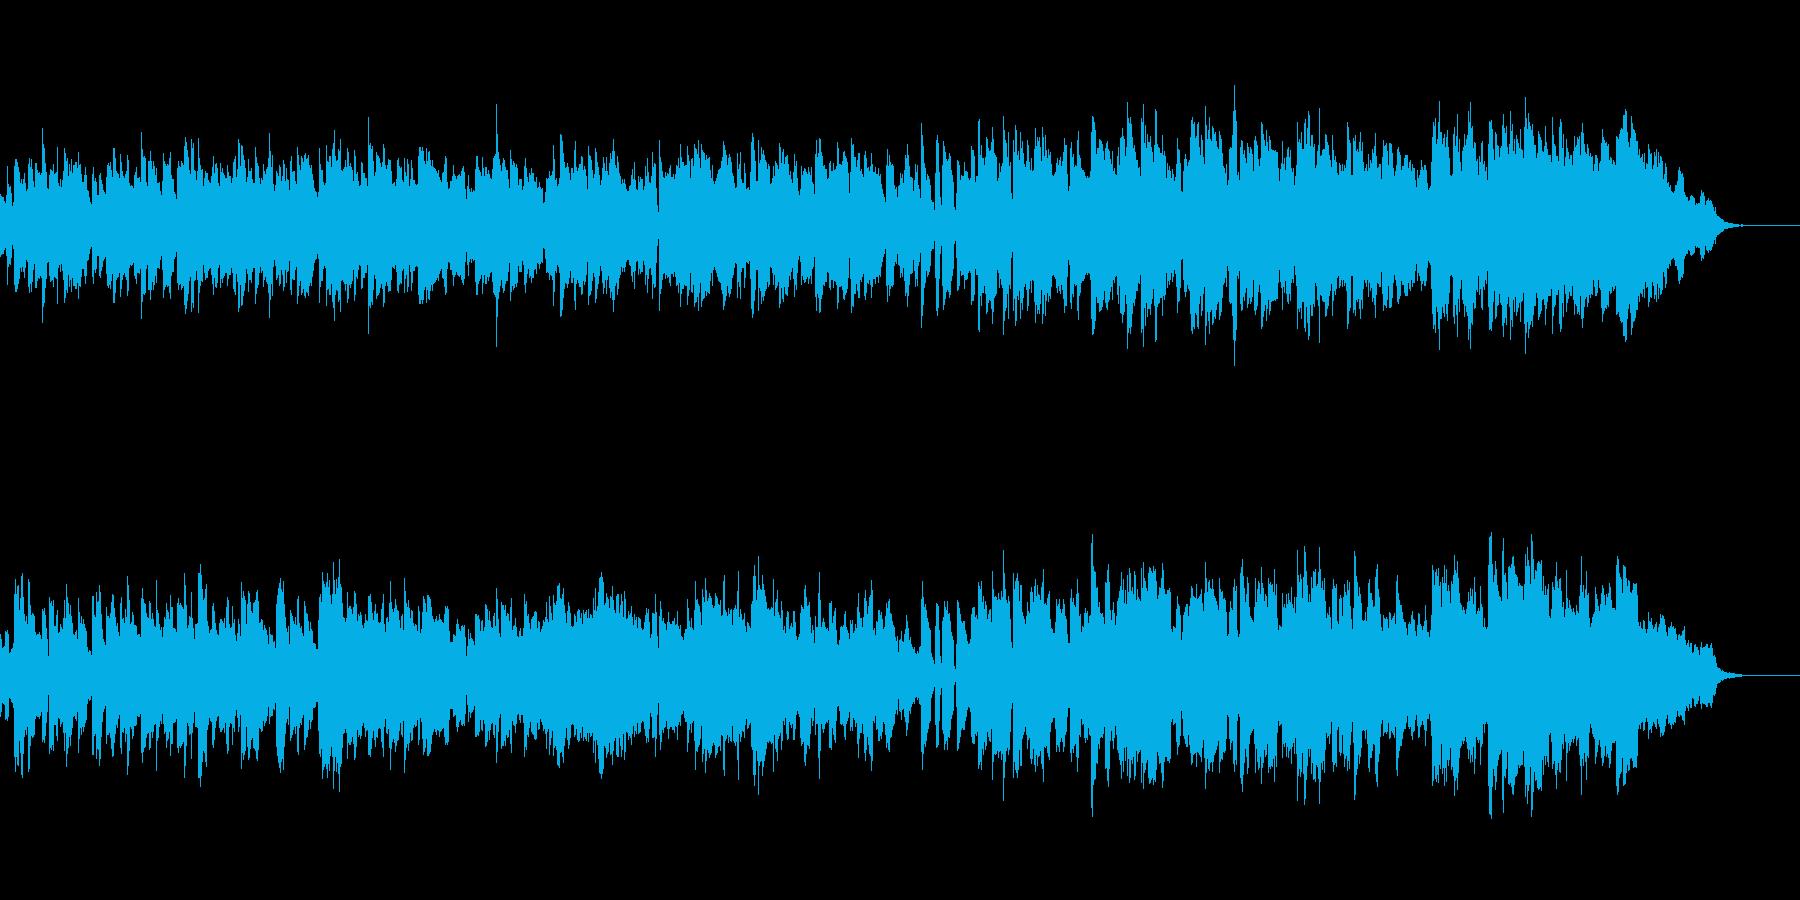 暖かい雰囲気のあるバラードの再生済みの波形